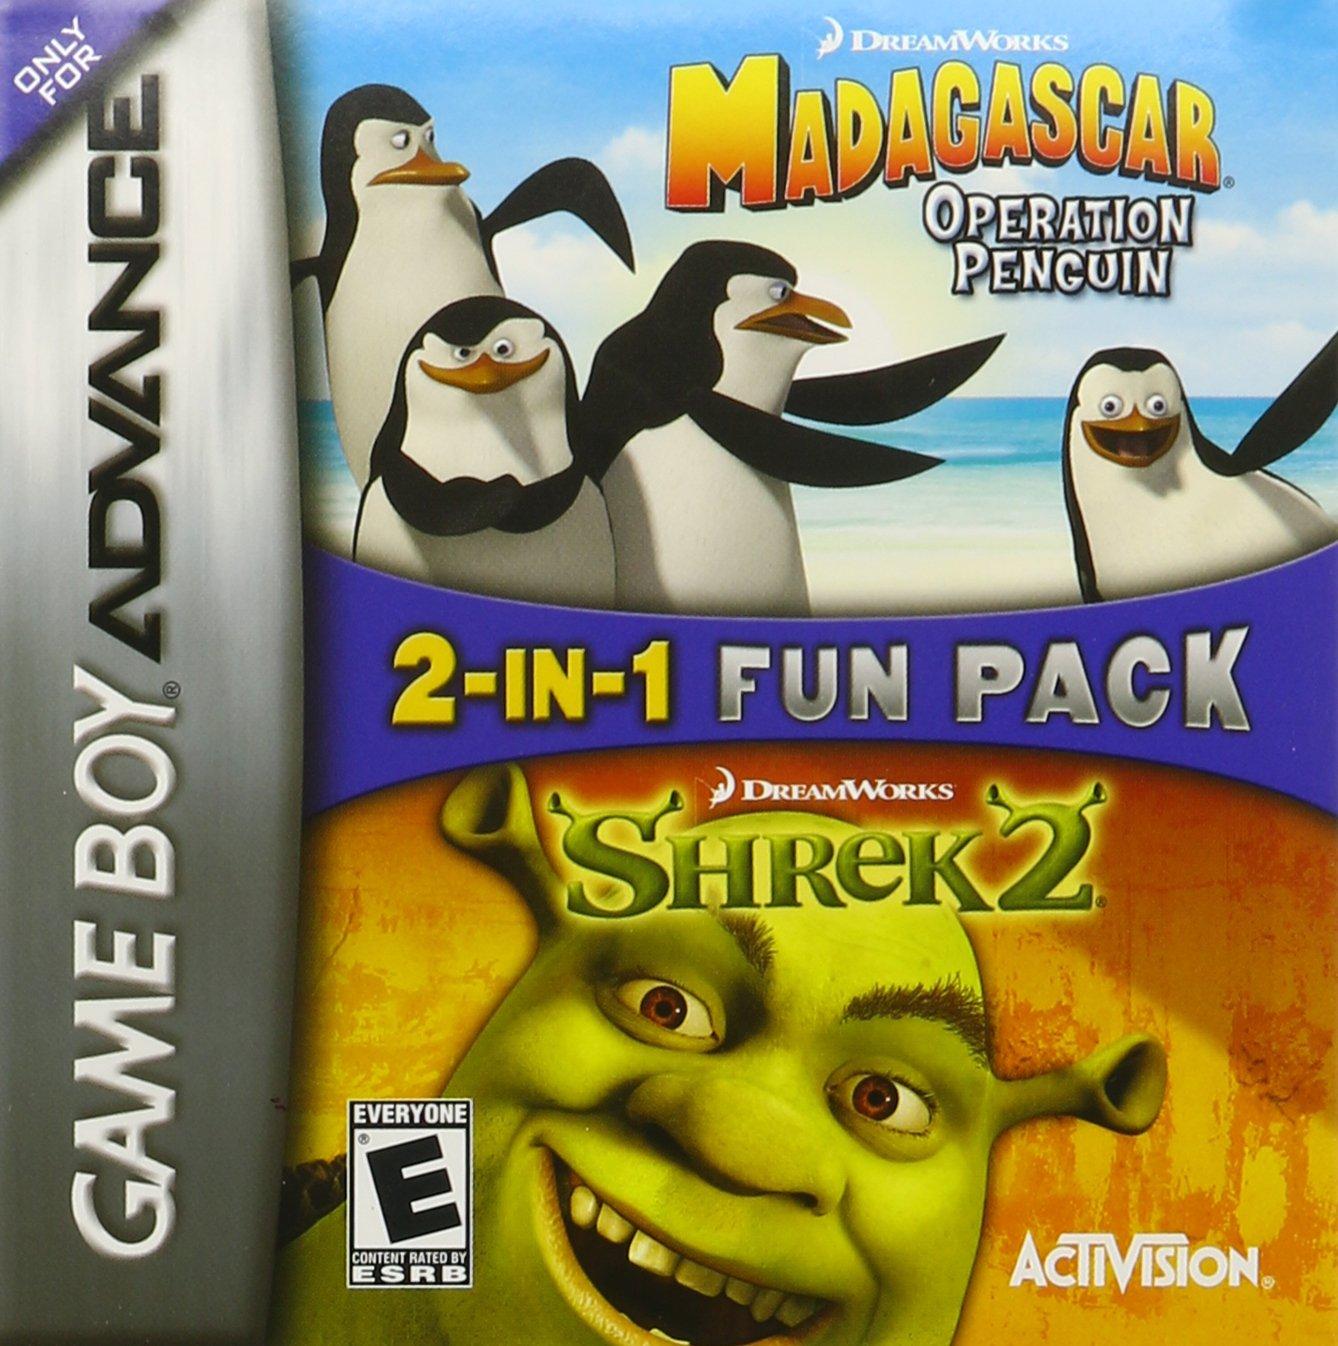 2-In-1 Fun Pack: Dreamworks Madagascar: Operation Penguin / Dreamworks Shrek 2